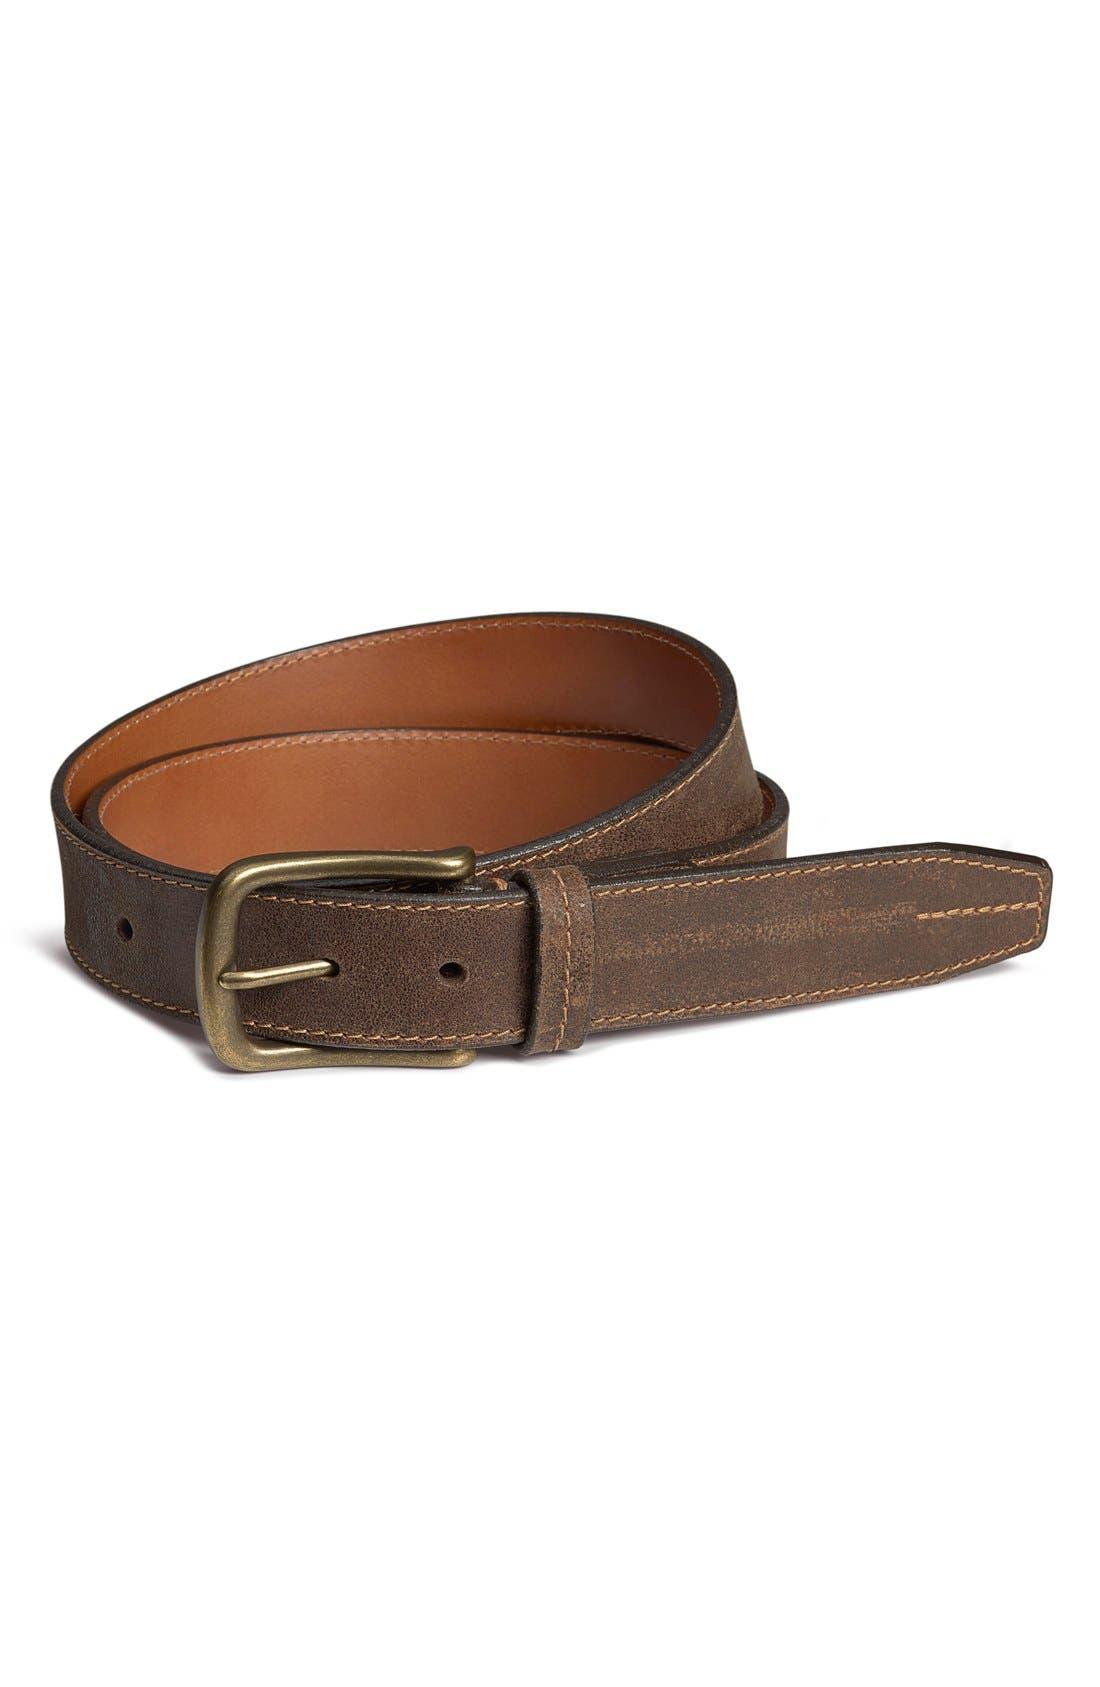 Trask 'Logan' Bison Leather Belt